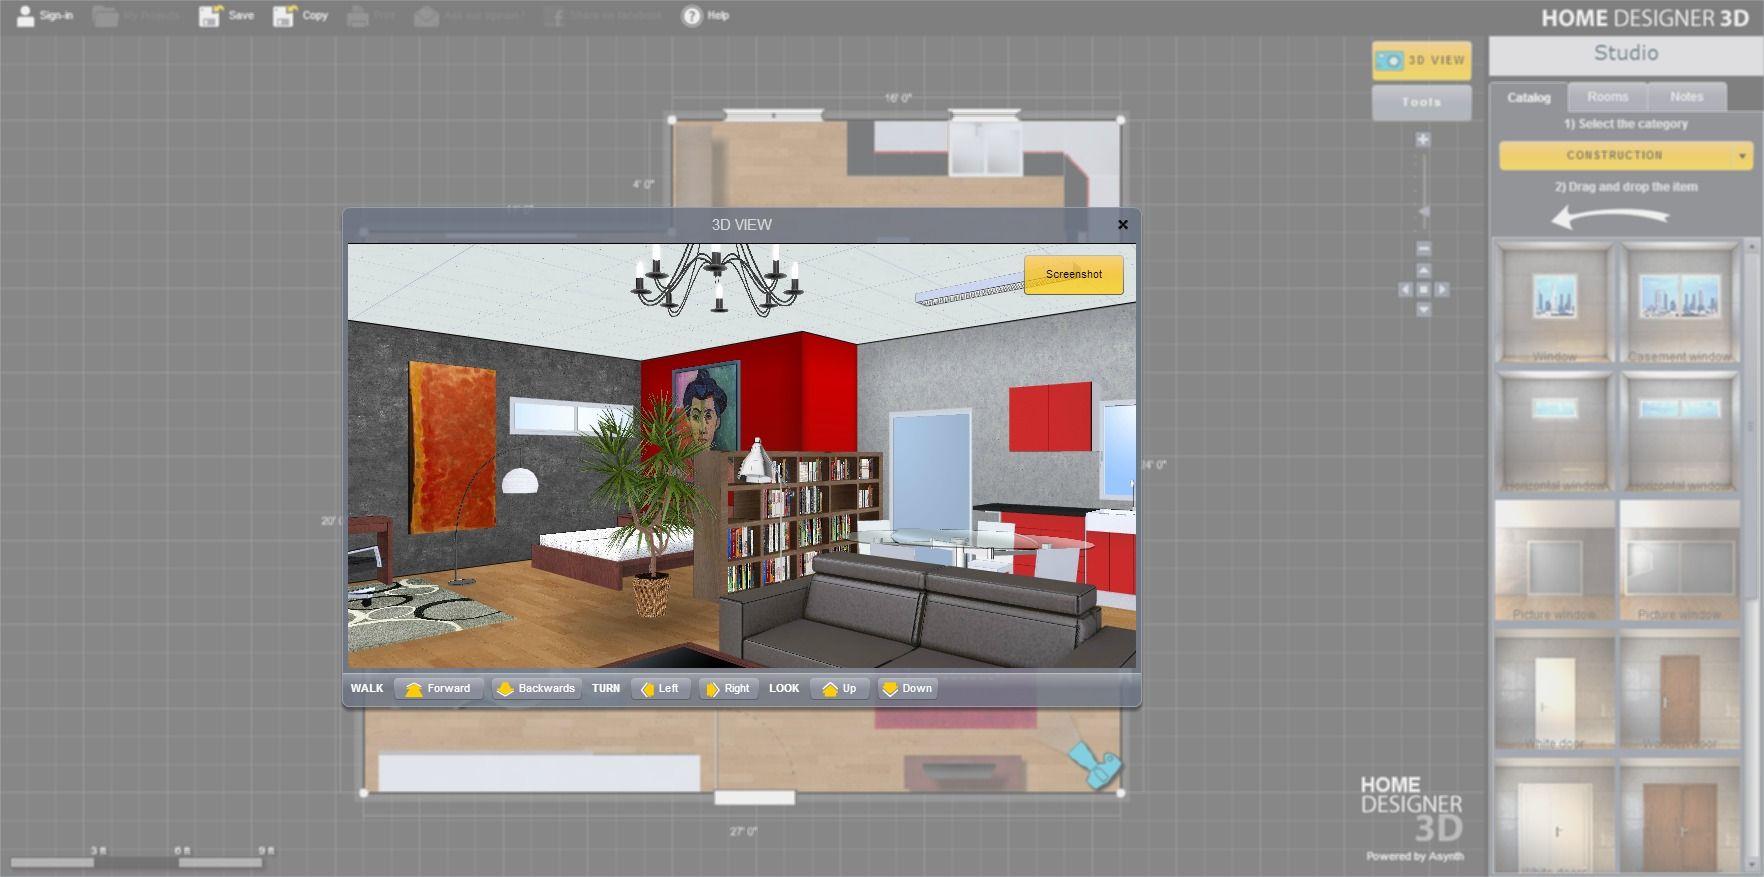 Logiciel architecture gratuit insidoo est accessible en Cuisine 3d en ligne sans telechargement